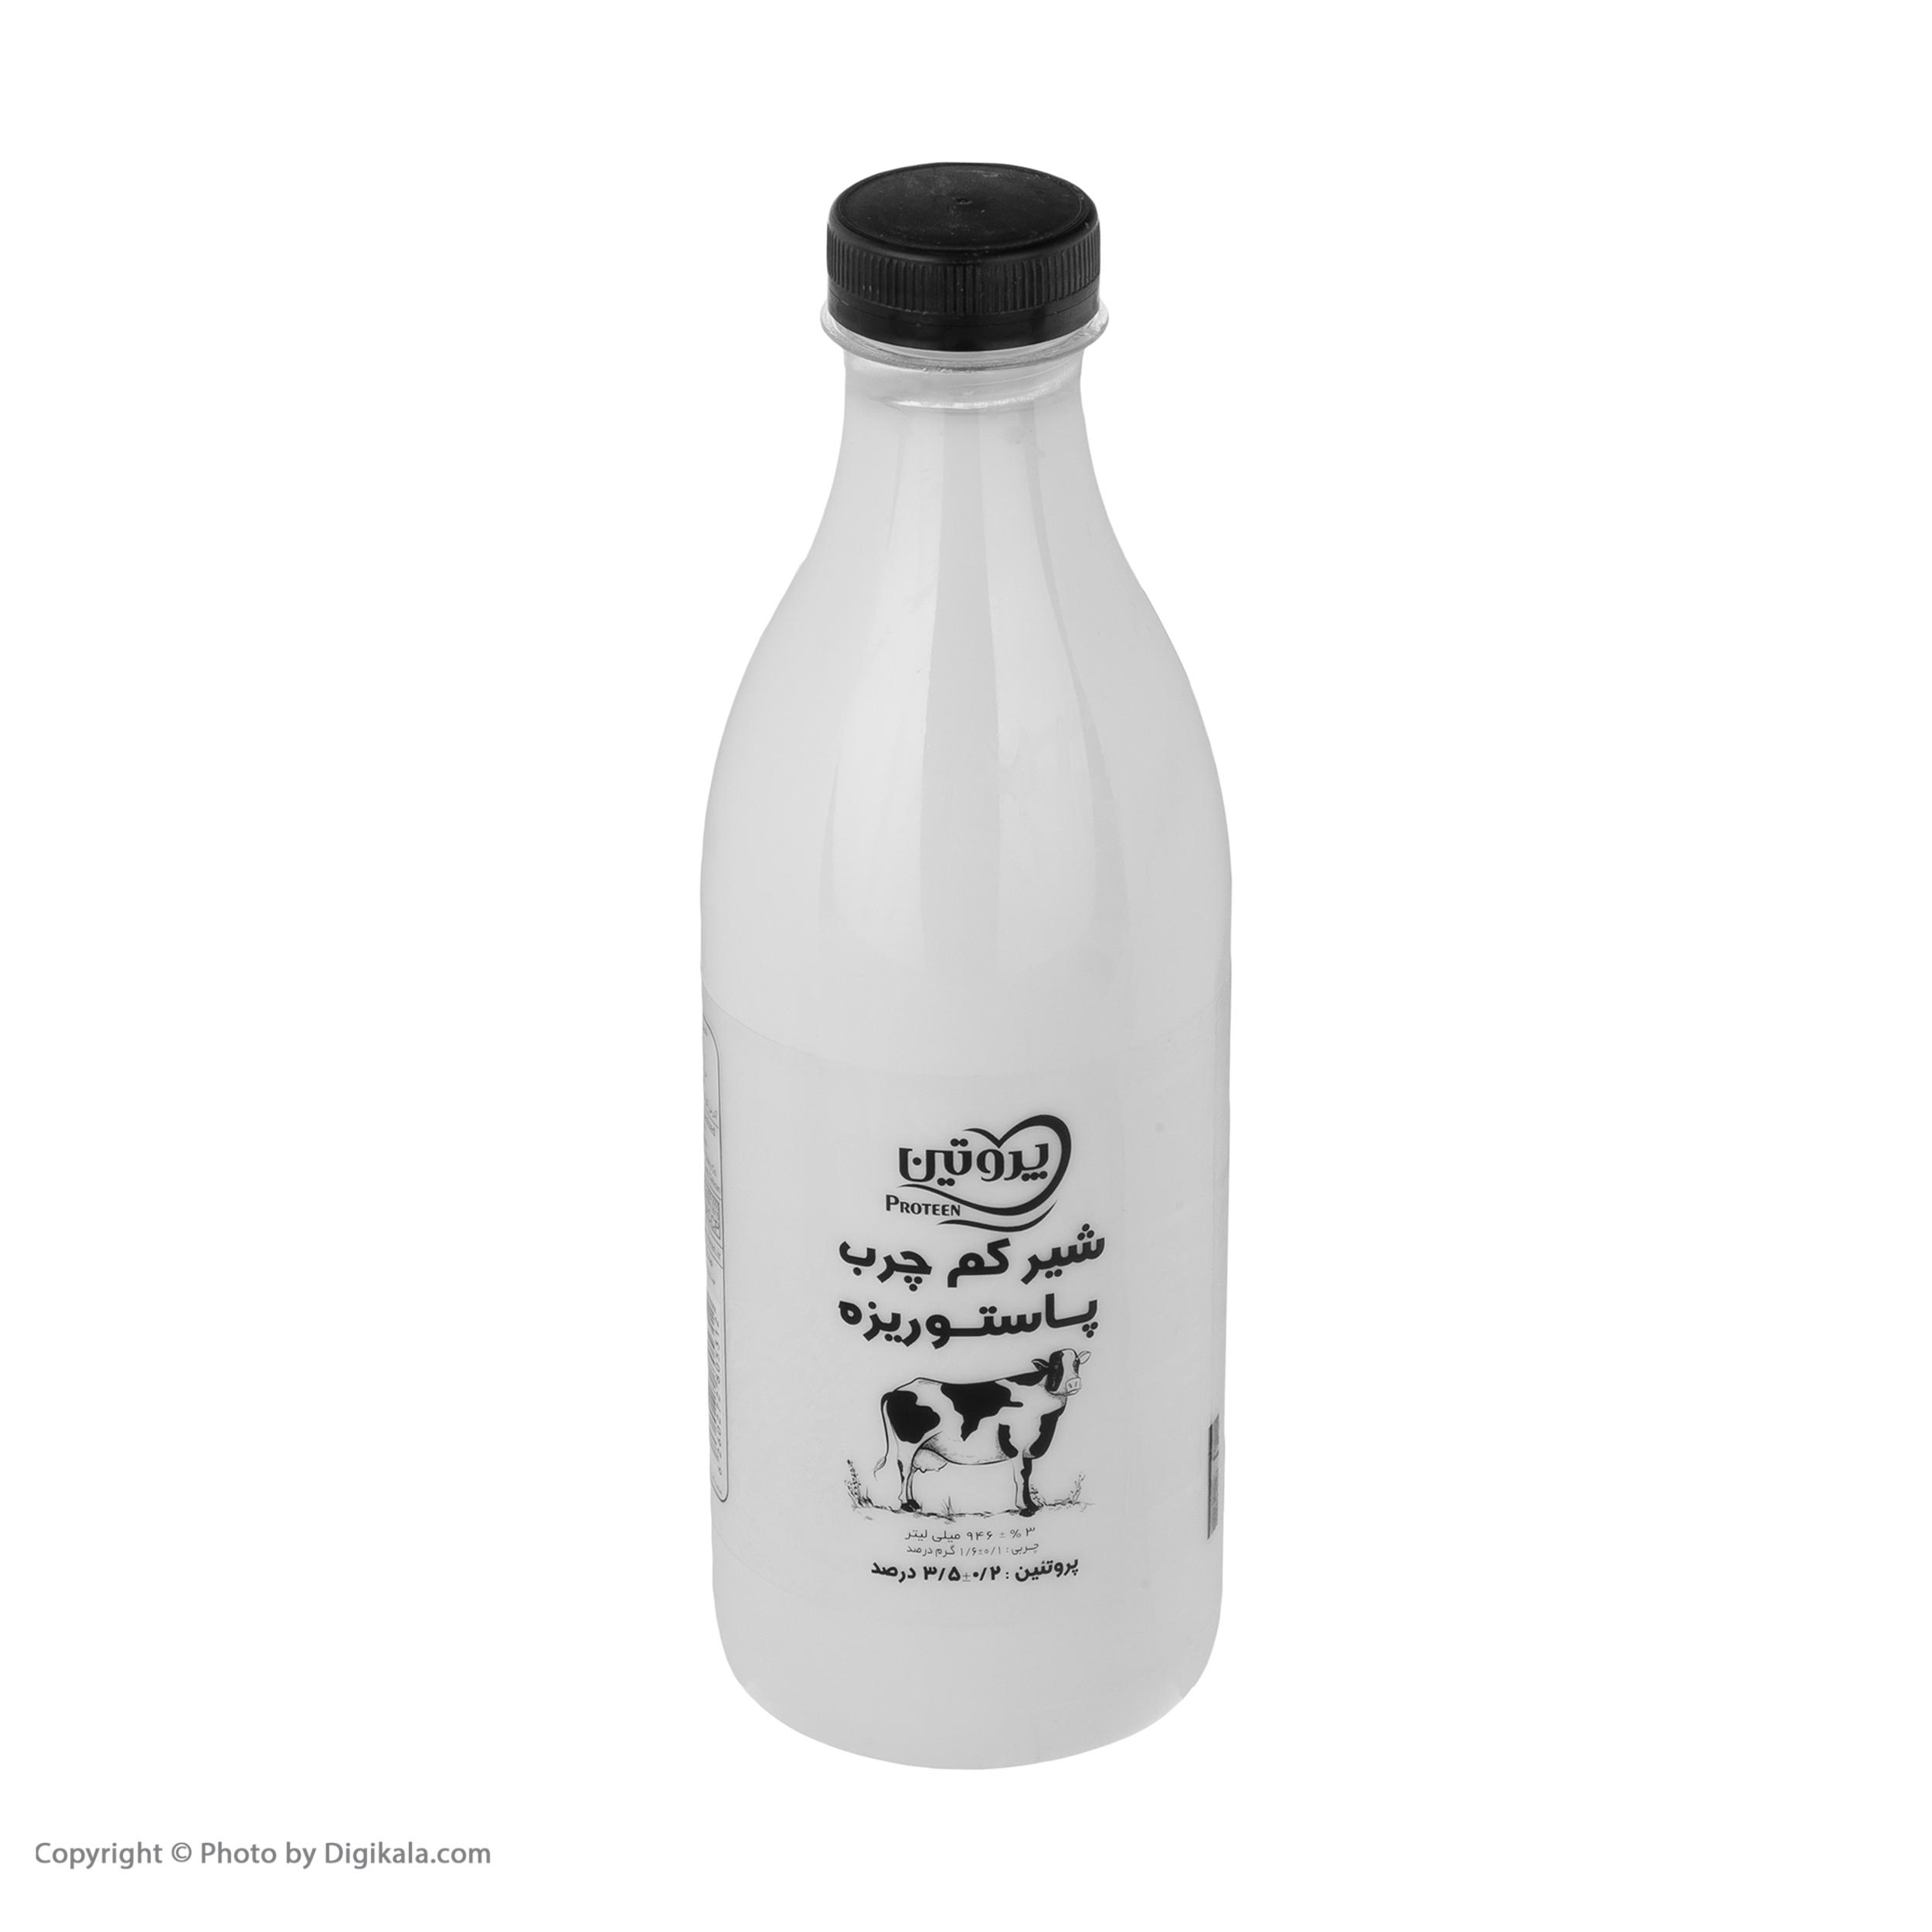 شیر کم چرب پروتئین - 946 میلی لیتر